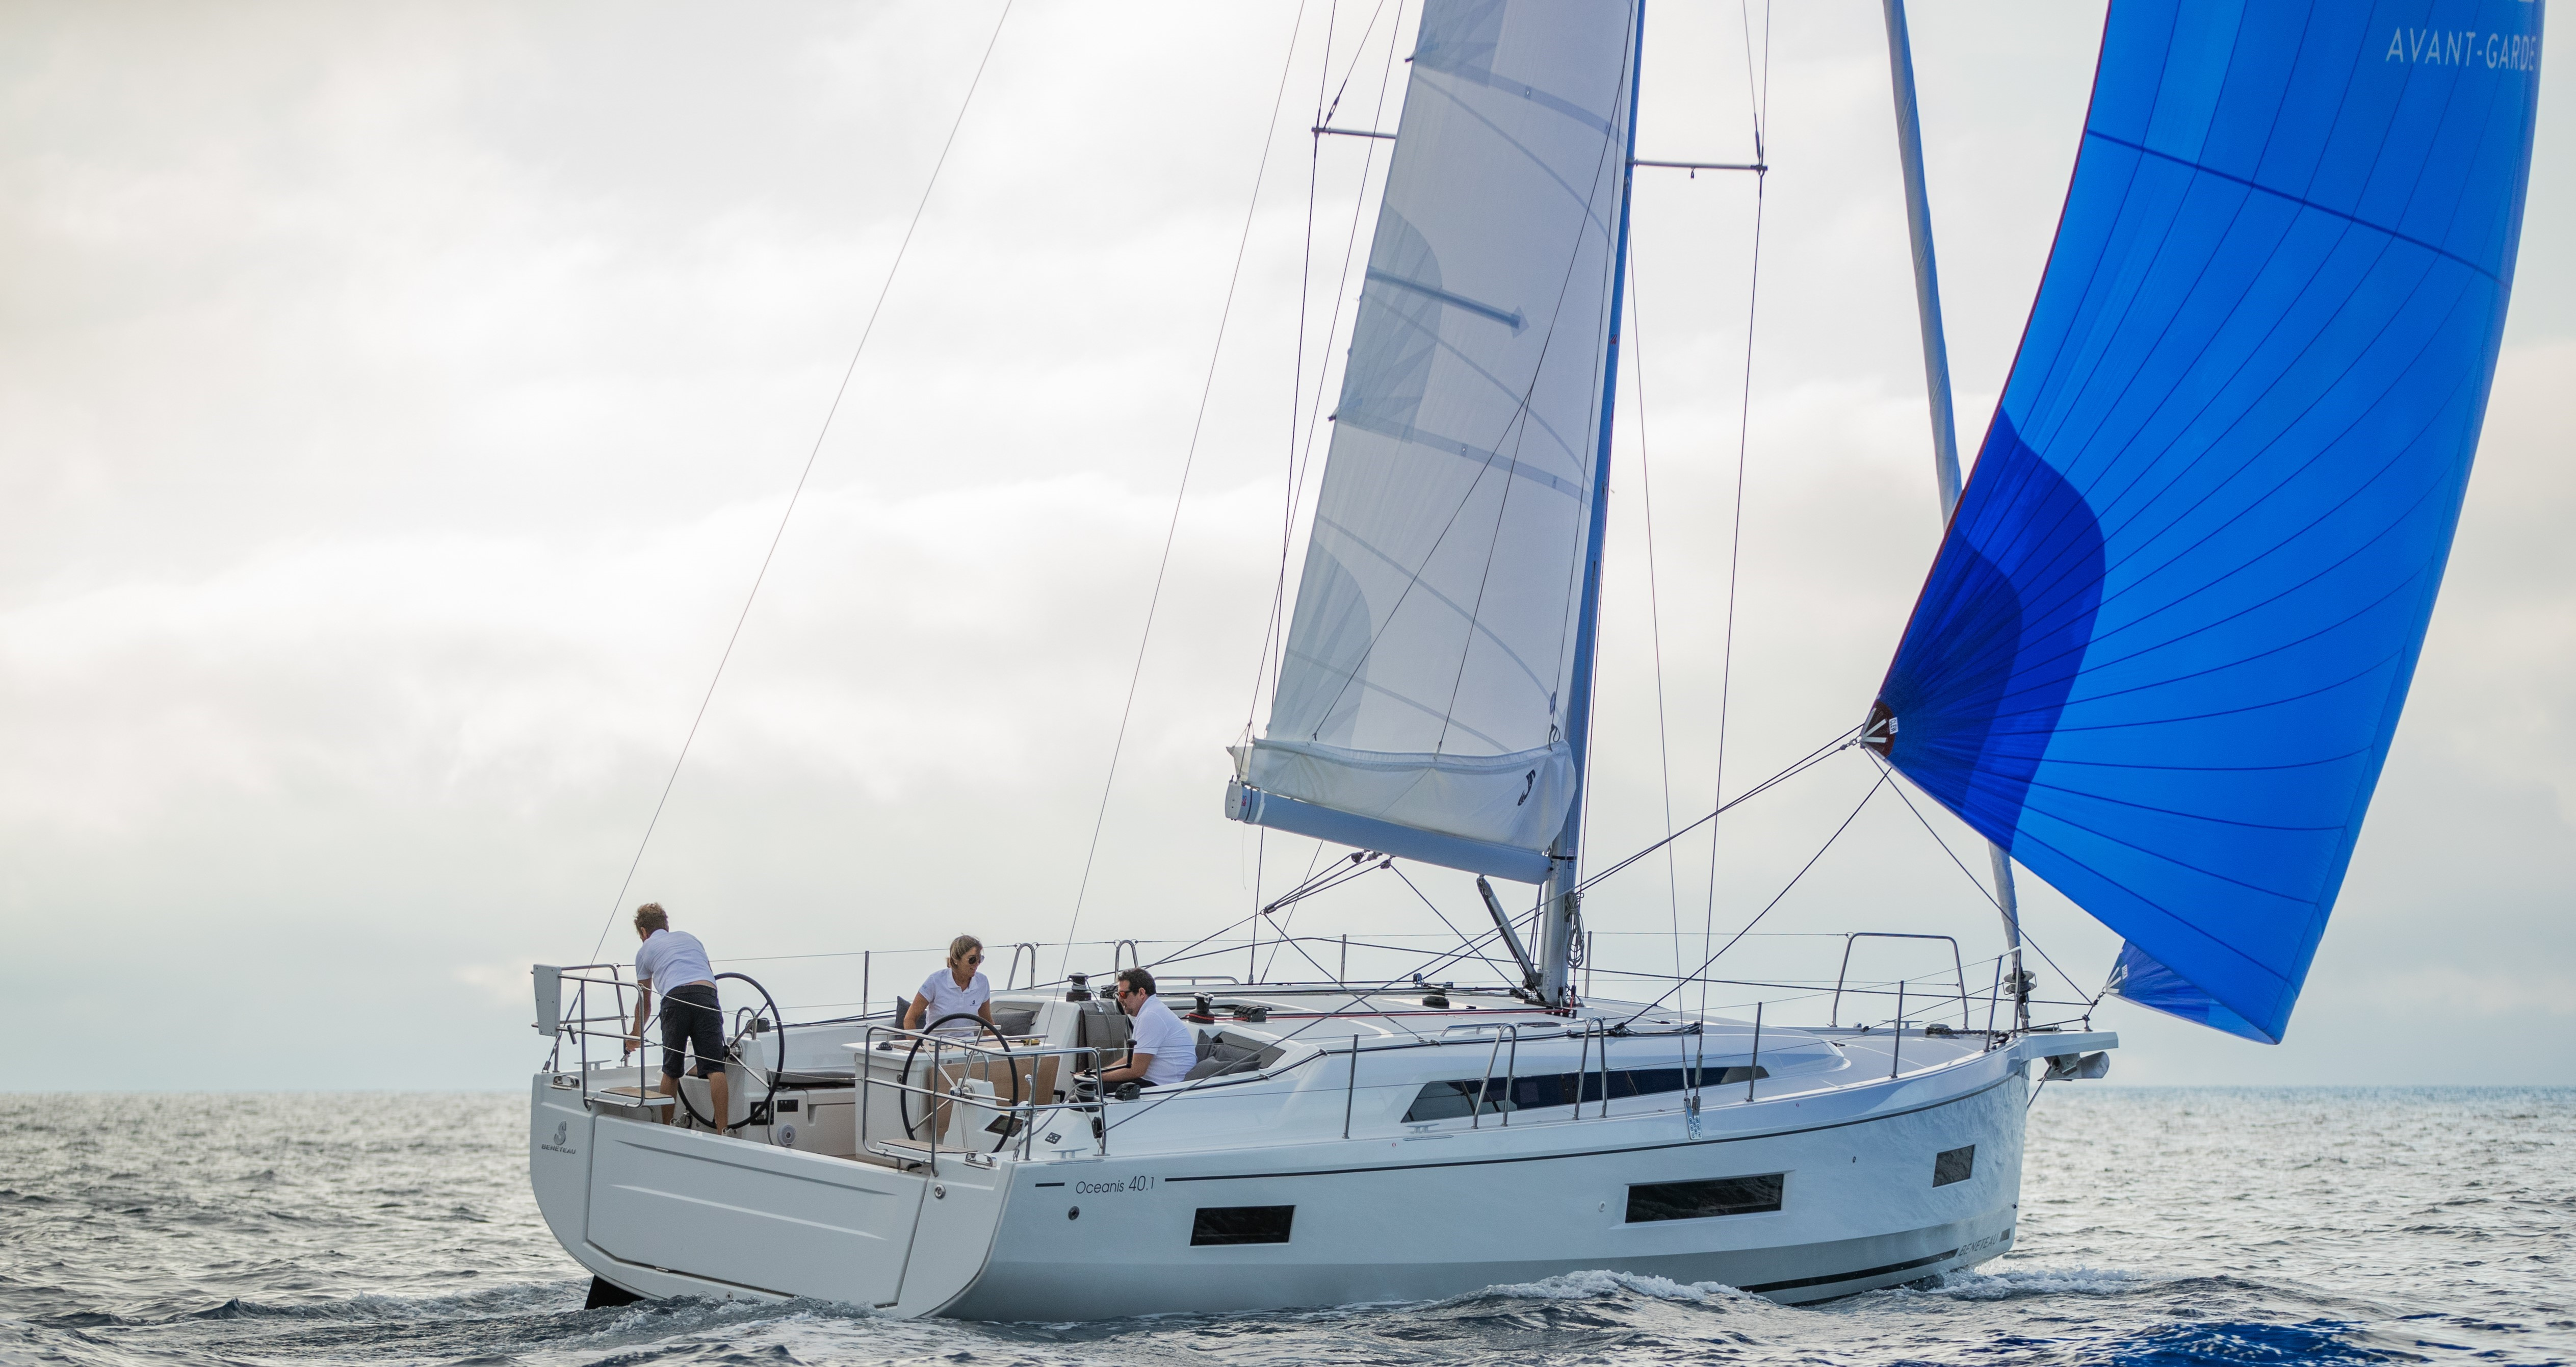 Beneteau Oceanis 40.1 Beneteau Oceanis 40.1 Sailing